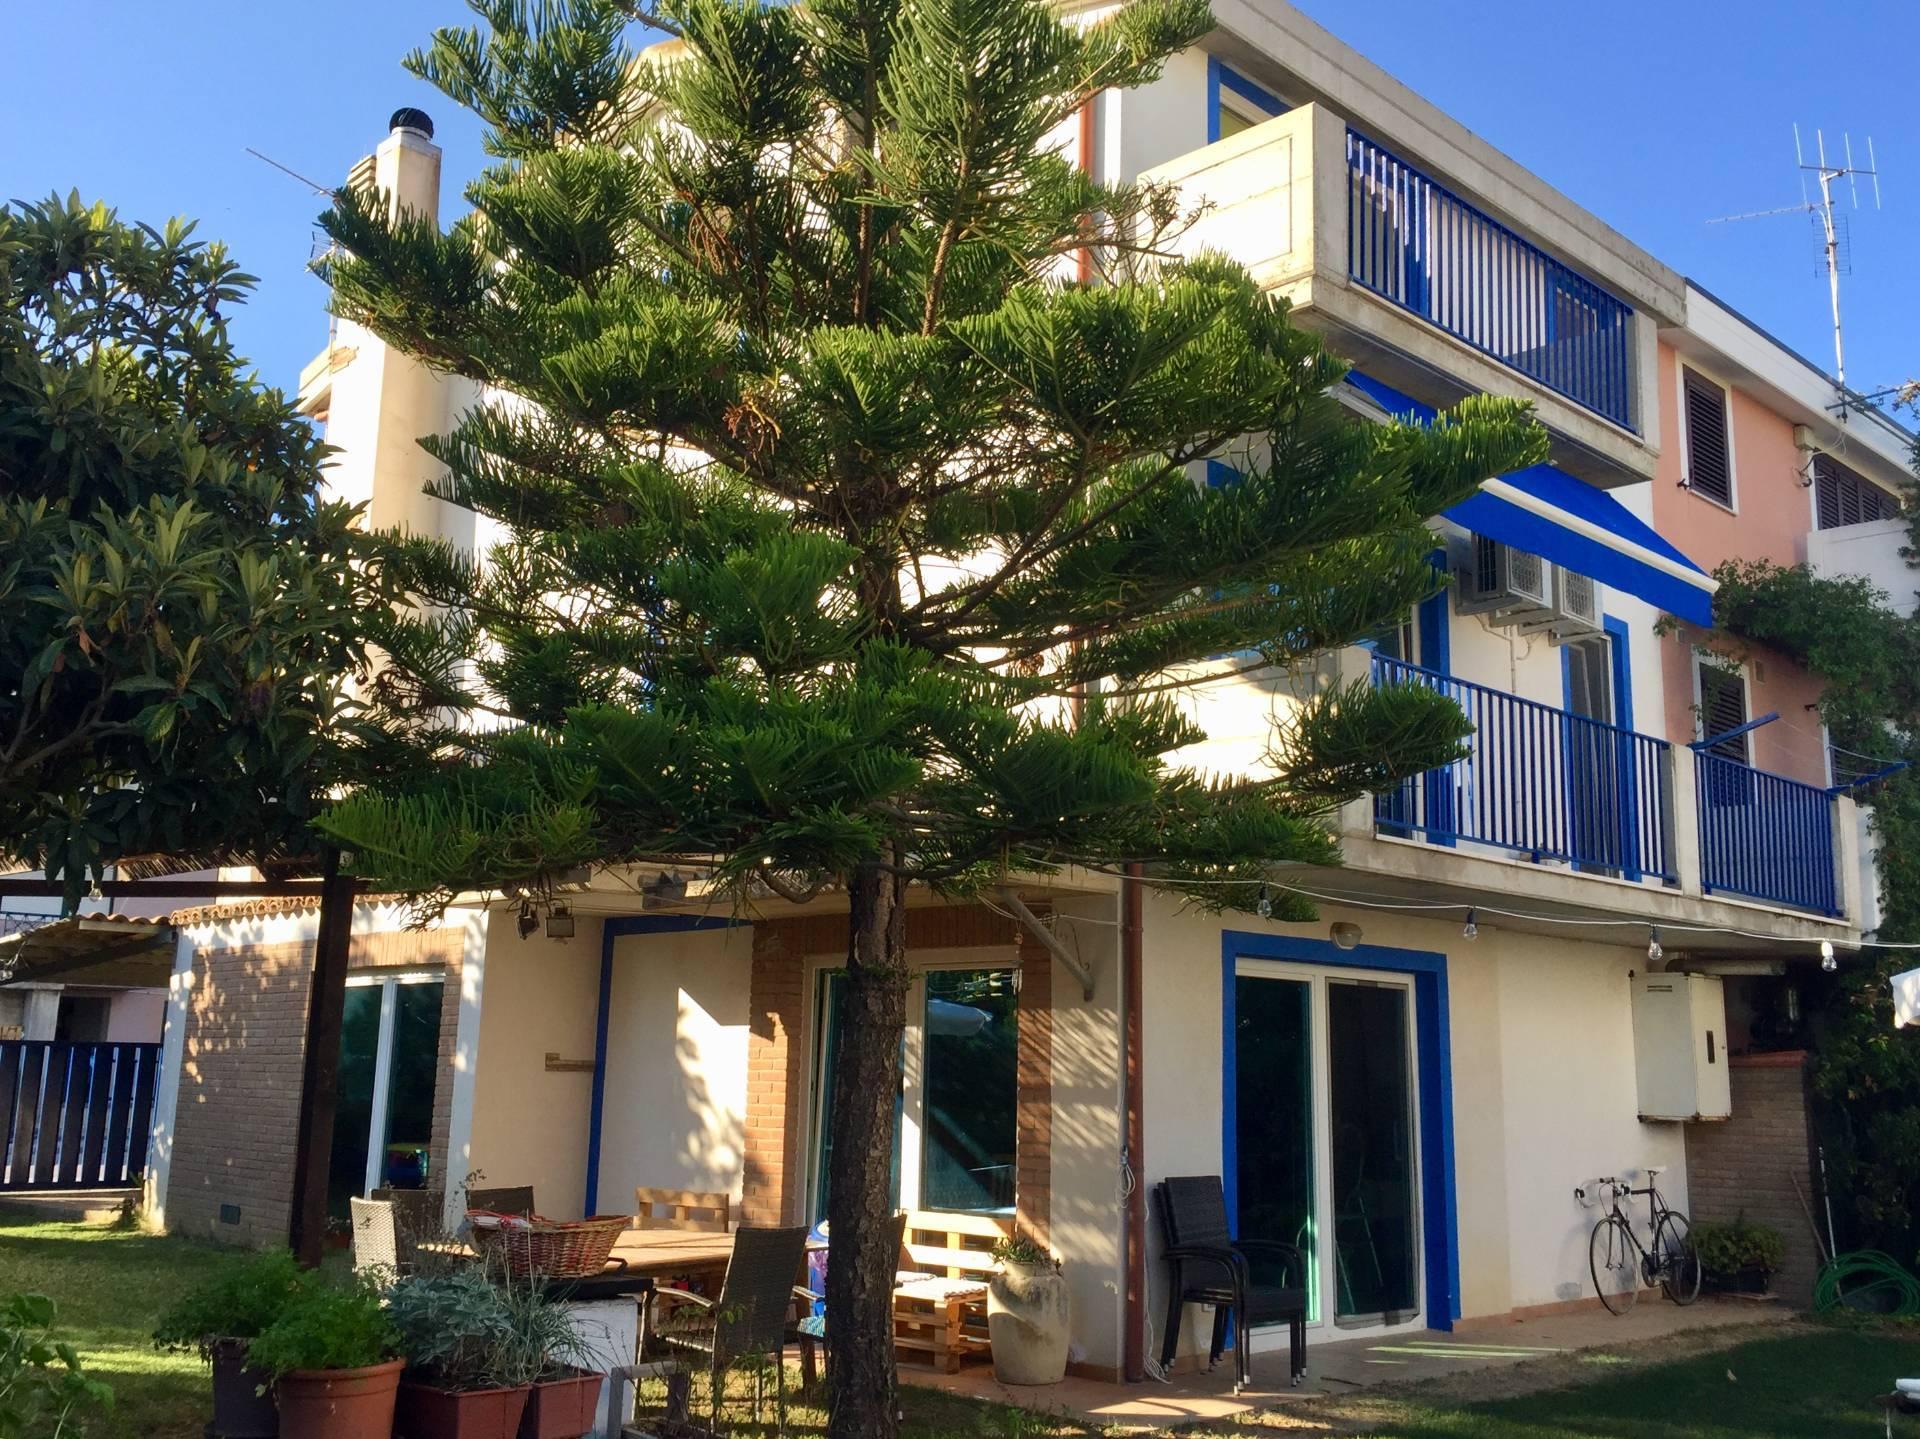 Villa Bifamiliare in vendita a Montenero di Bisaccia, 7 locali, prezzo € 285.000 | CambioCasa.it